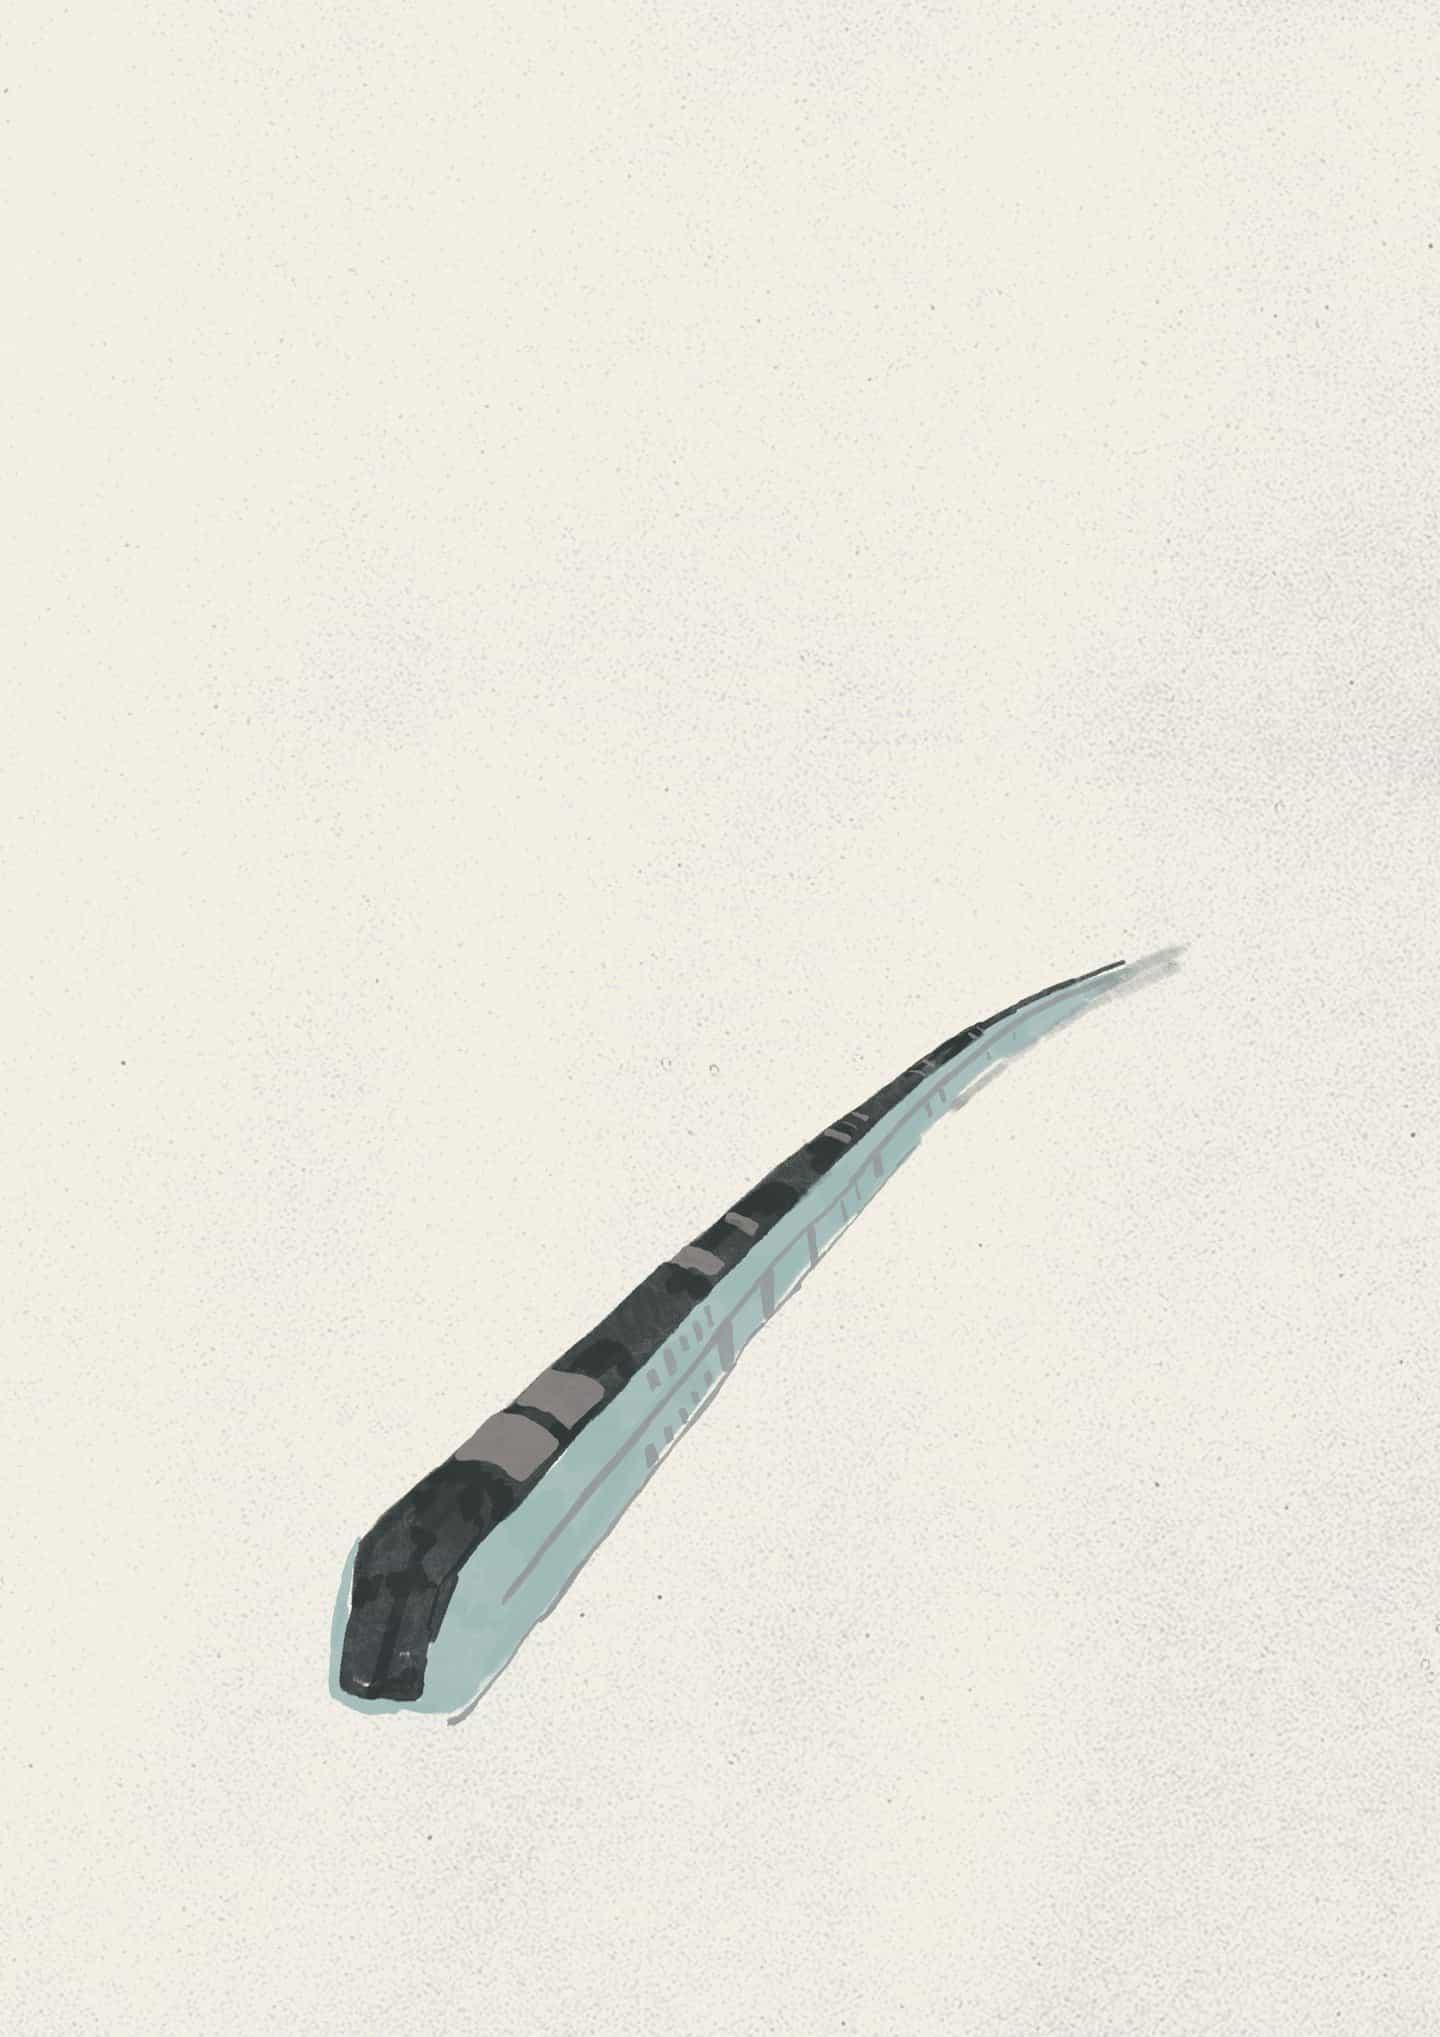 Sara Laimon alias Galleta de la luna en sus ilustraciones de encierro de los trenes y los luchadores